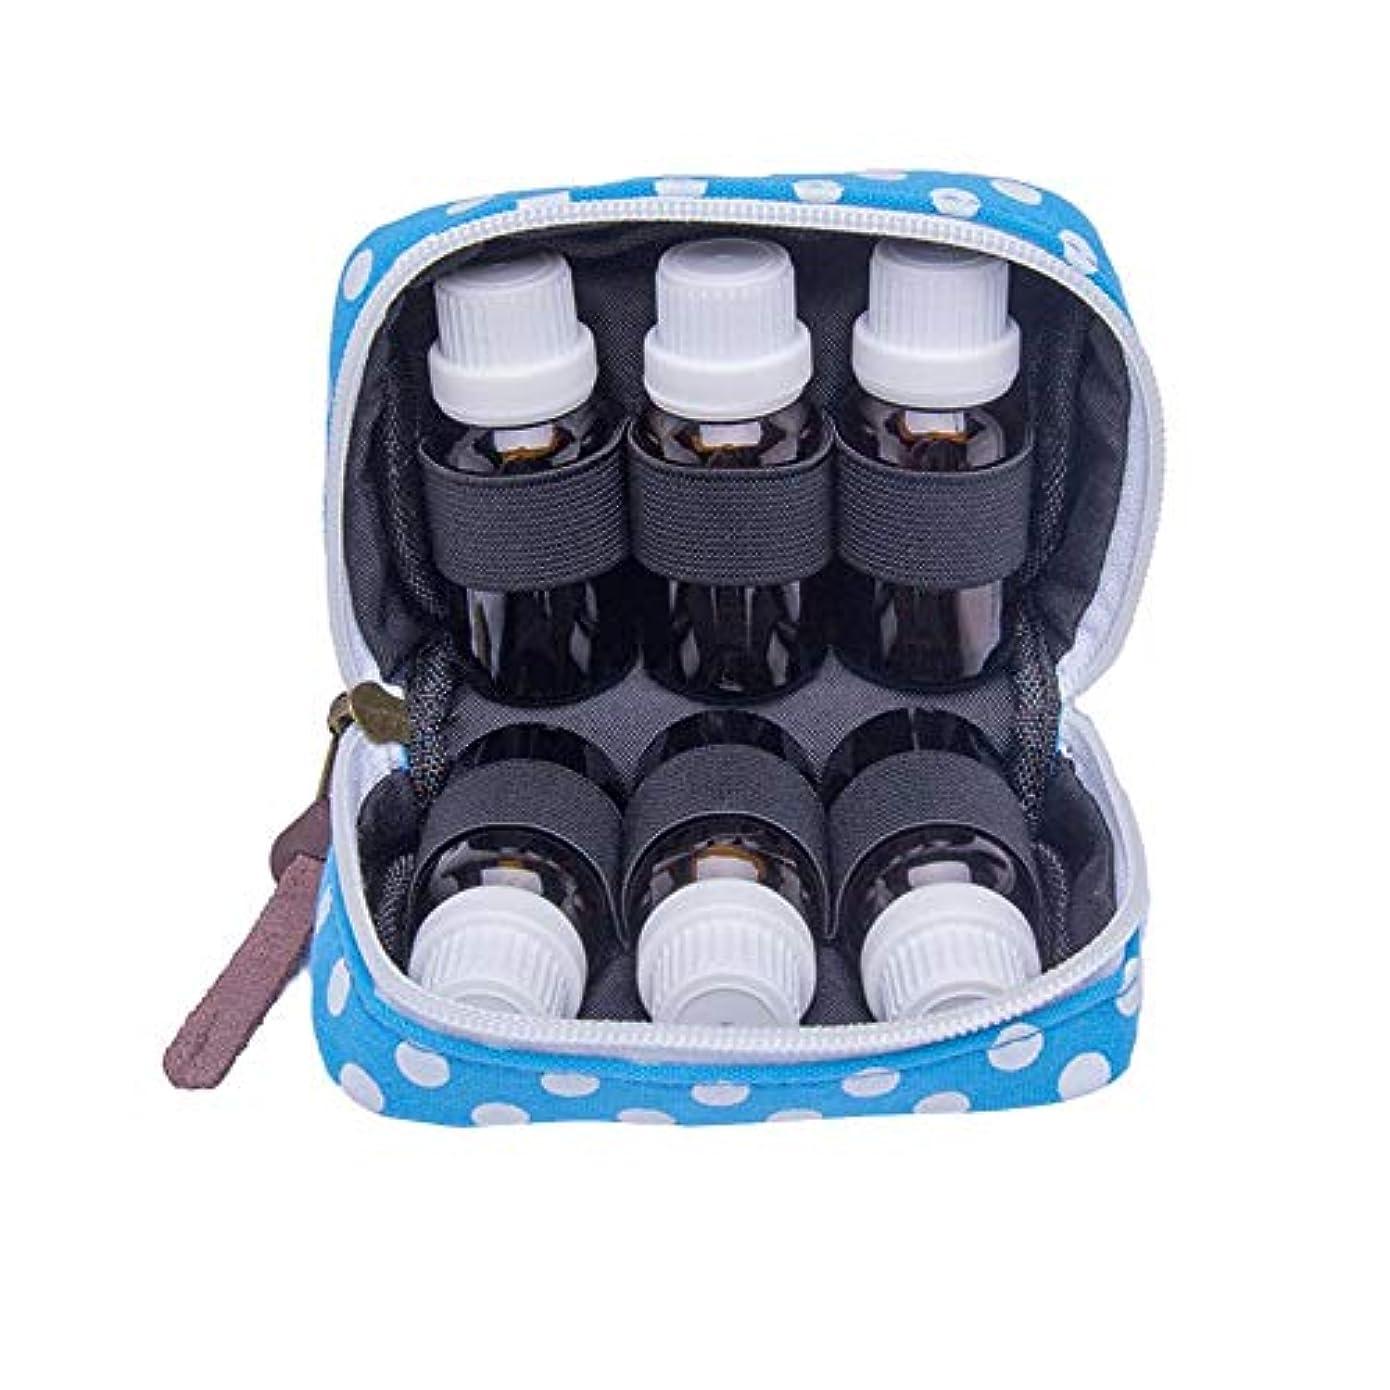 エクステントラフ睡眠家族Pursue エッセンシャルオイル収納ケース アロマオイル収納ボックス アロマポーチ収納ケース 耐震 携帯便利 香水収納ポーチ 化粧ポーチ 6本用